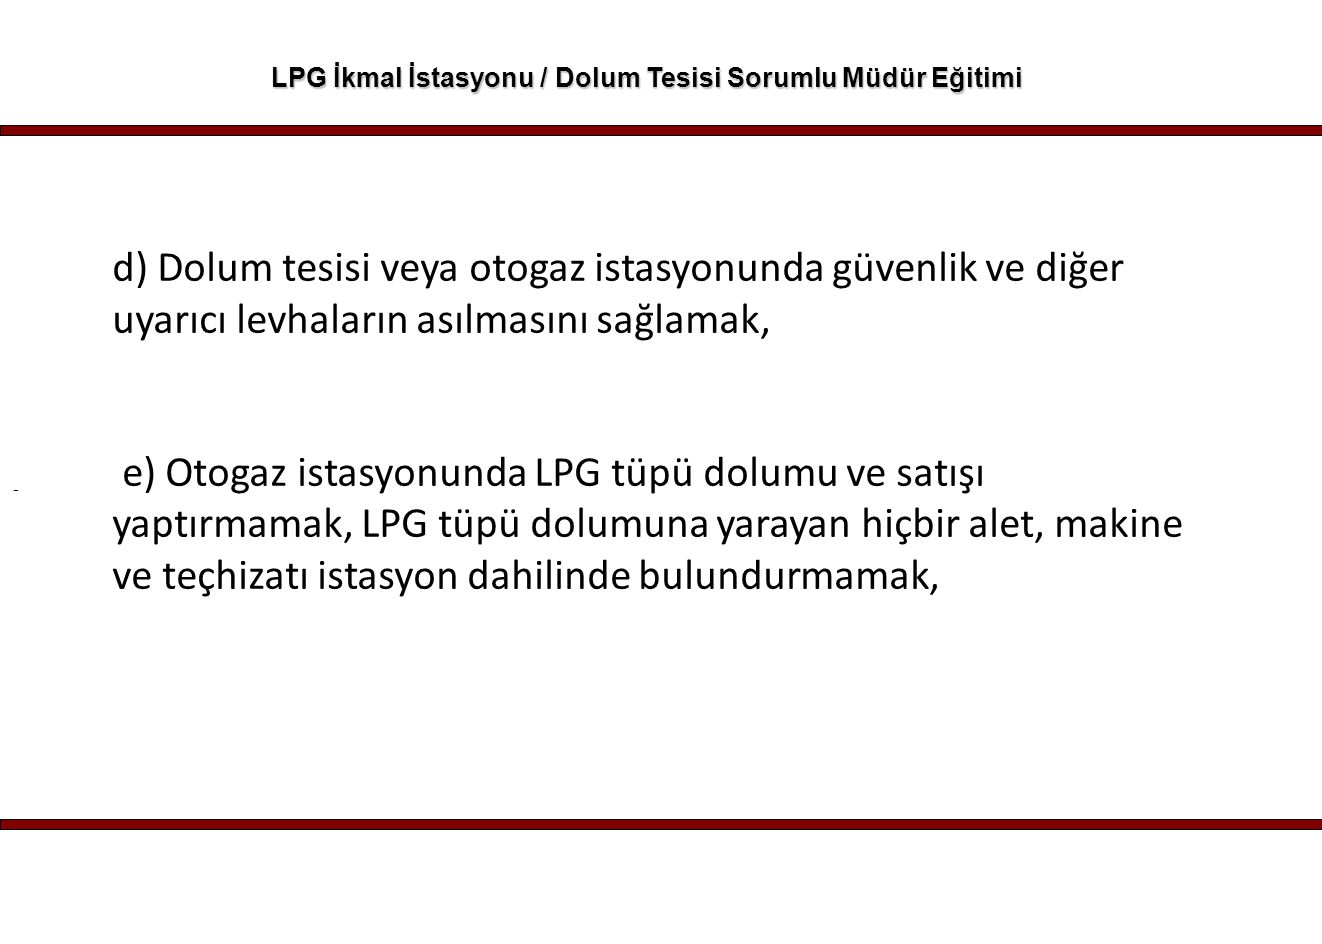 - LPG İkmal İstasyonu / Dolum Tesisi Sorumlu Müdür Eğitimi LPG Otogaz İstasyonunda/Dolum Tesisi'nde çalışan sorumlu müdürün işveren ile imzalayacağı sözleşmenin süresinin en az 1 yıl olması gerekmektedir.